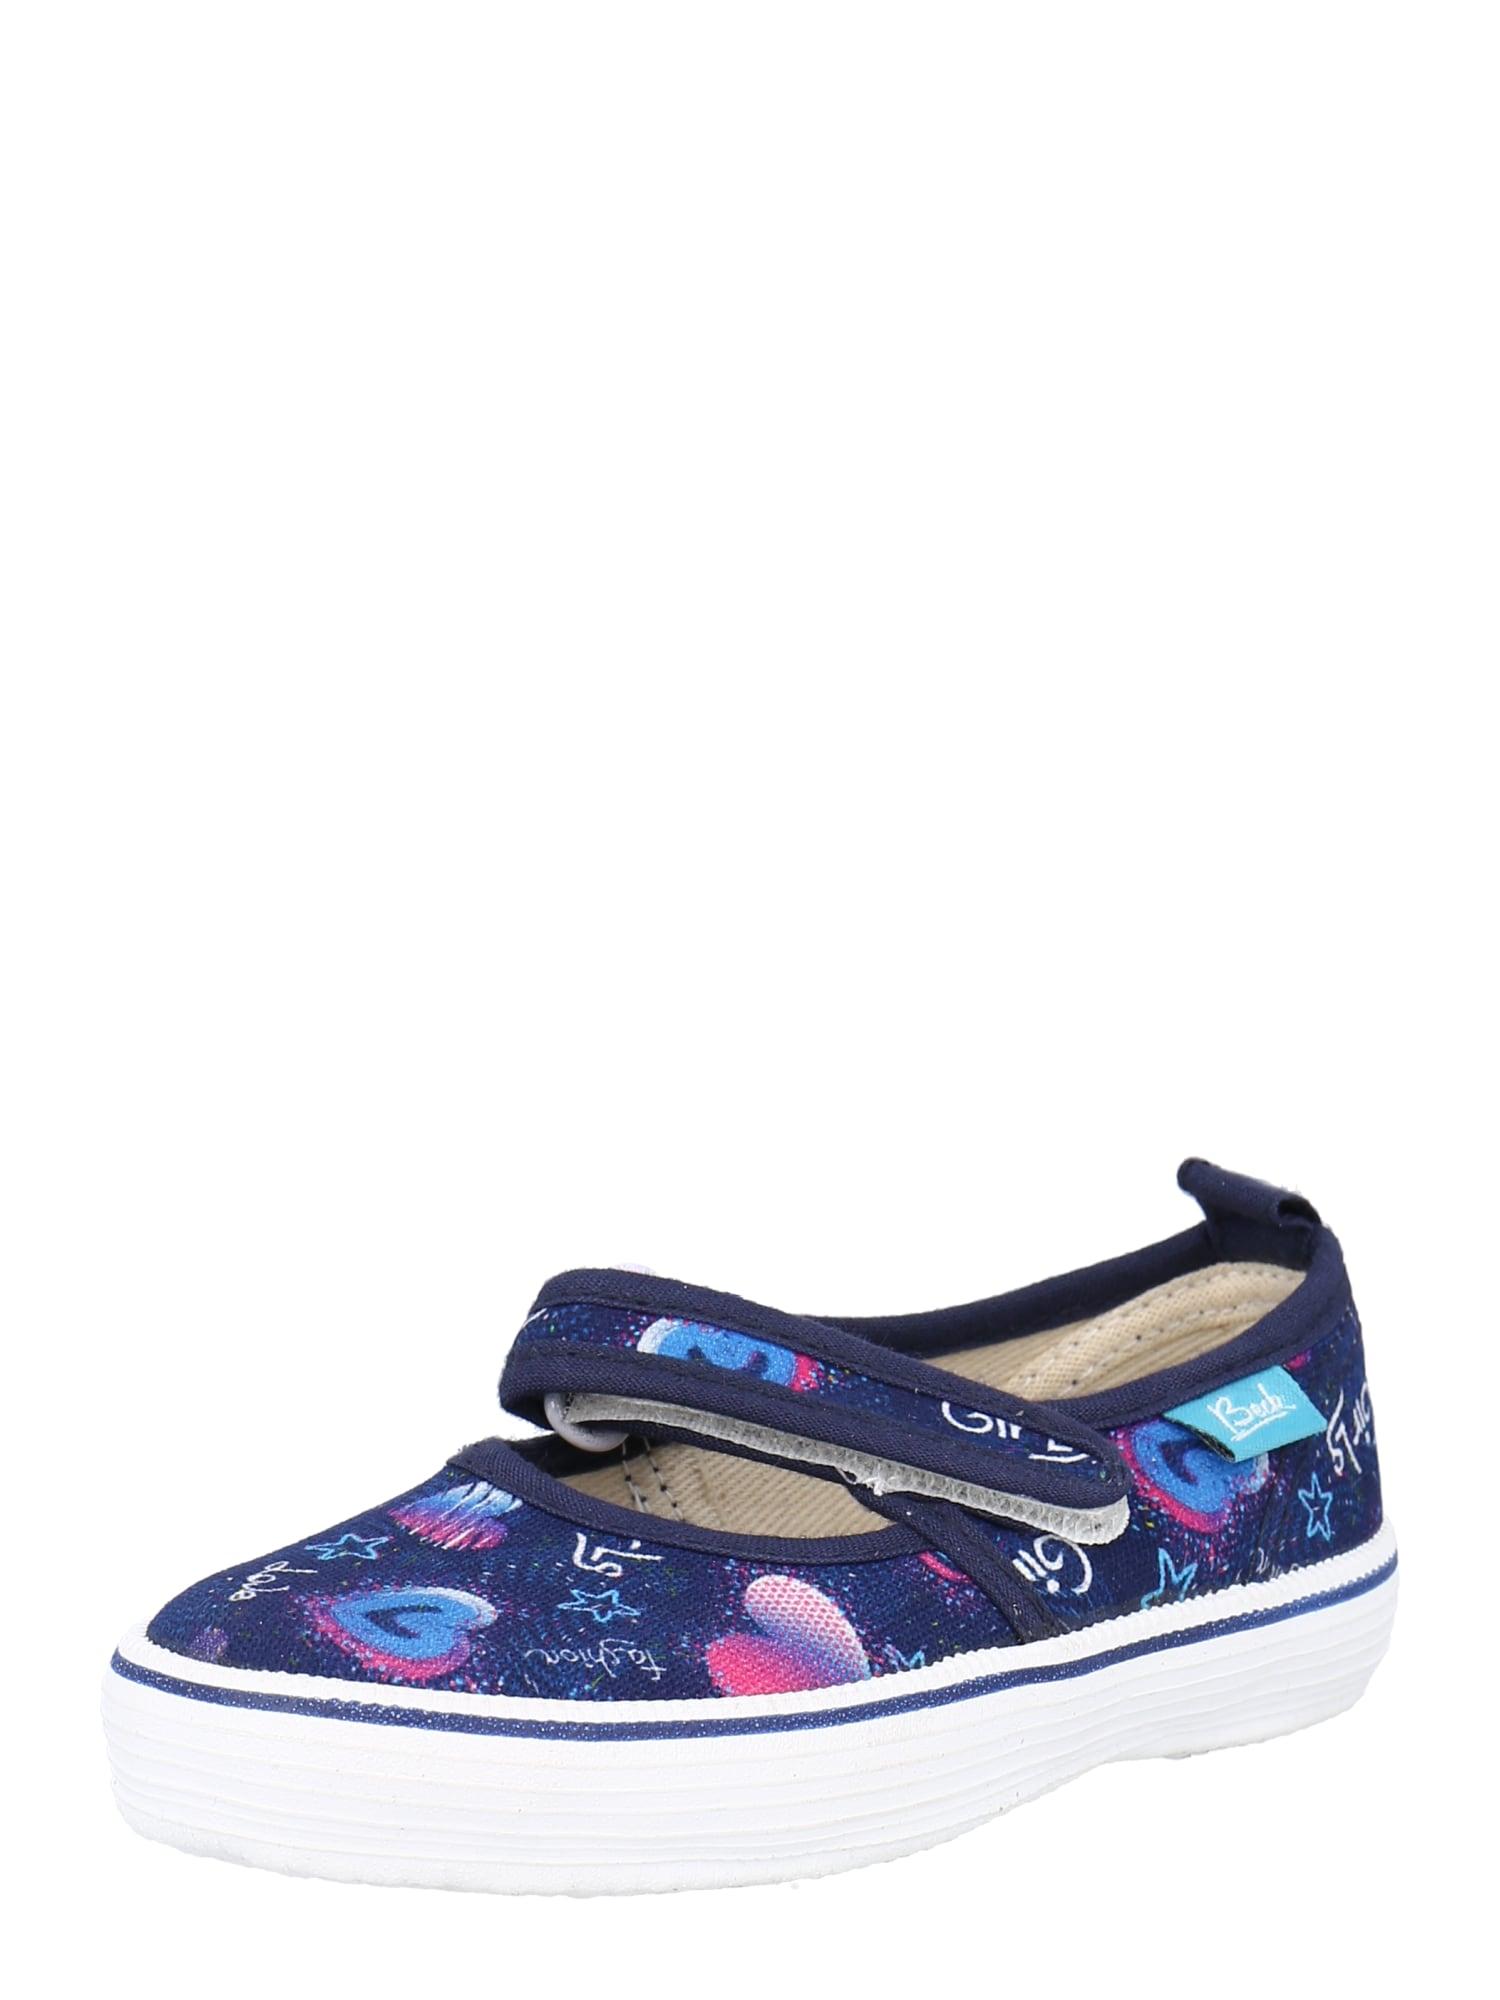 BECK Balerinos tamsiai mėlyna / šviesiai violetinė / balta / šviesiai mėlyna / rožinė